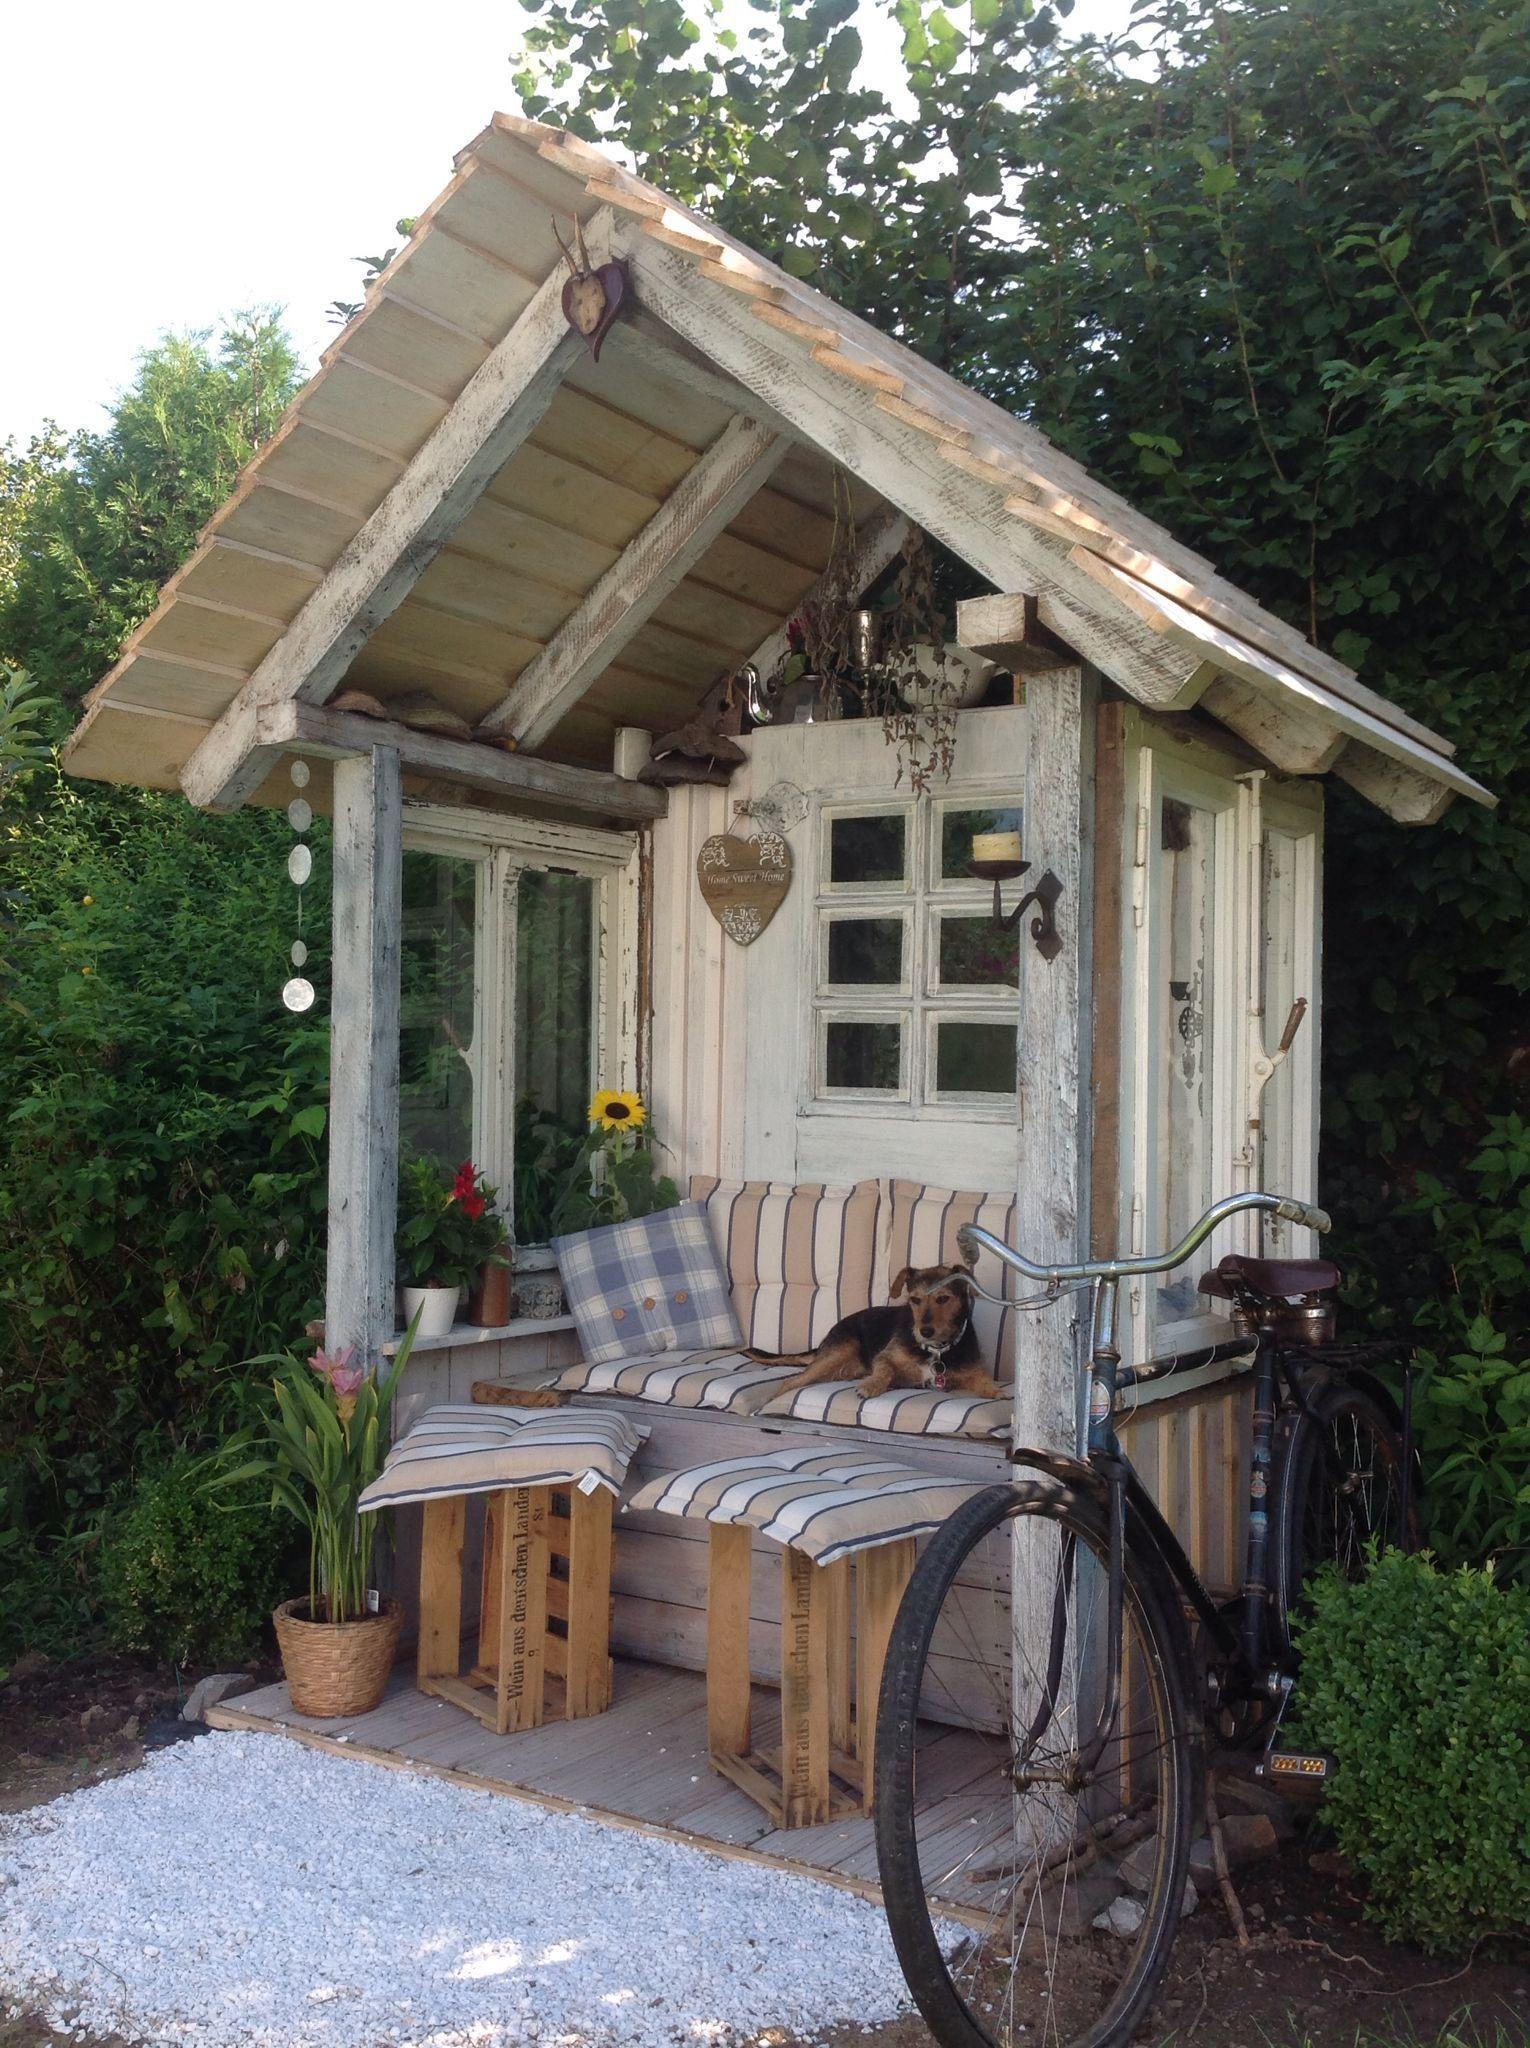 #Deko #Garten #Ideen #Landhaus #laube #nacher